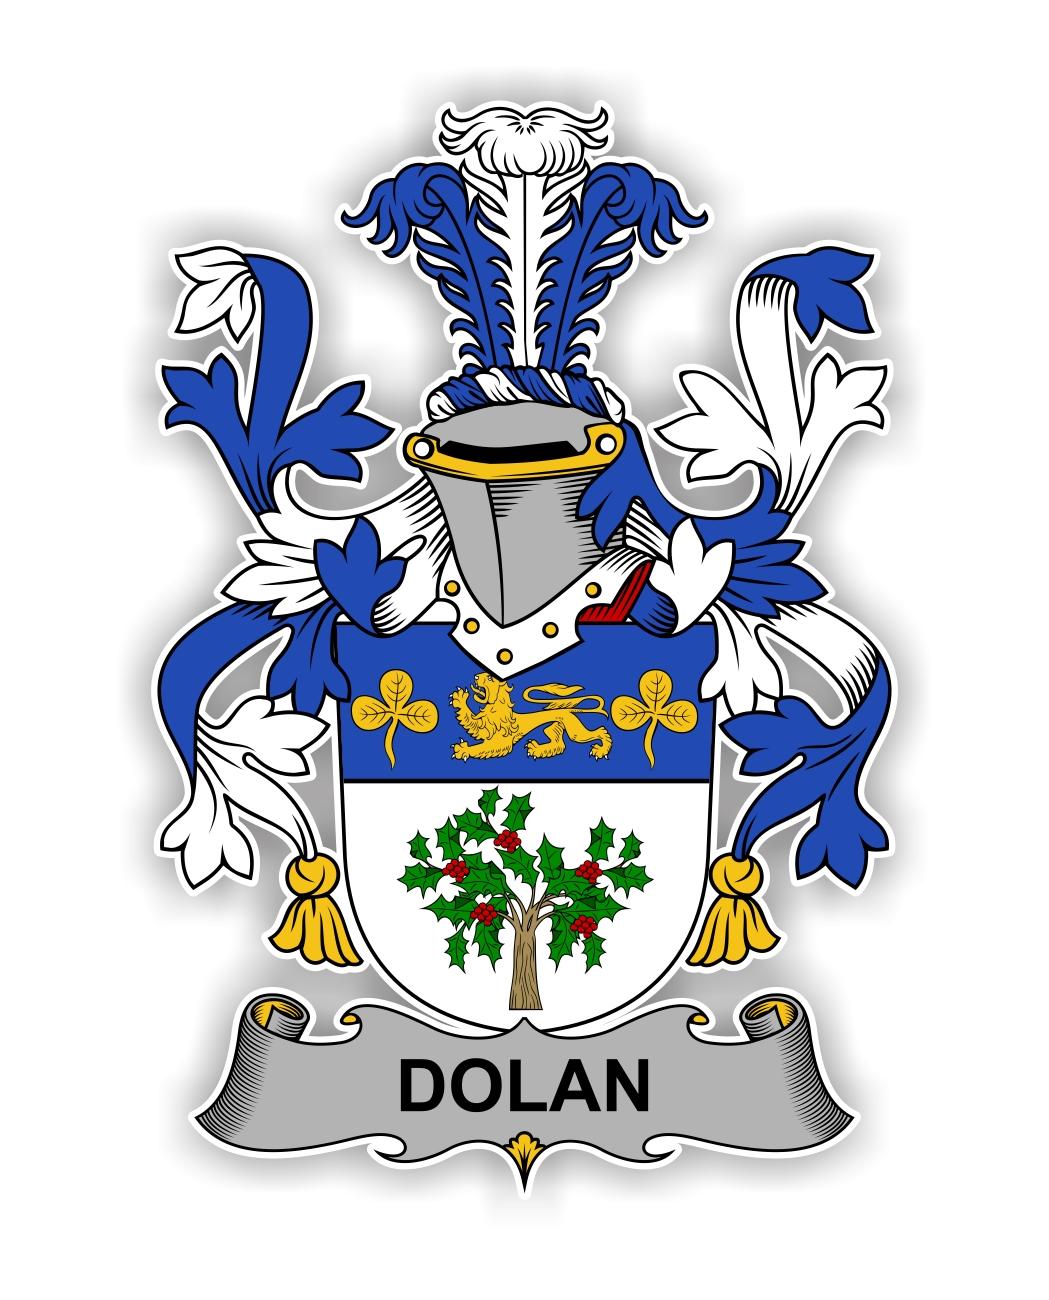 Dolan Family Crest Vinyl Die Cut Decal Sticker 4 Sizes